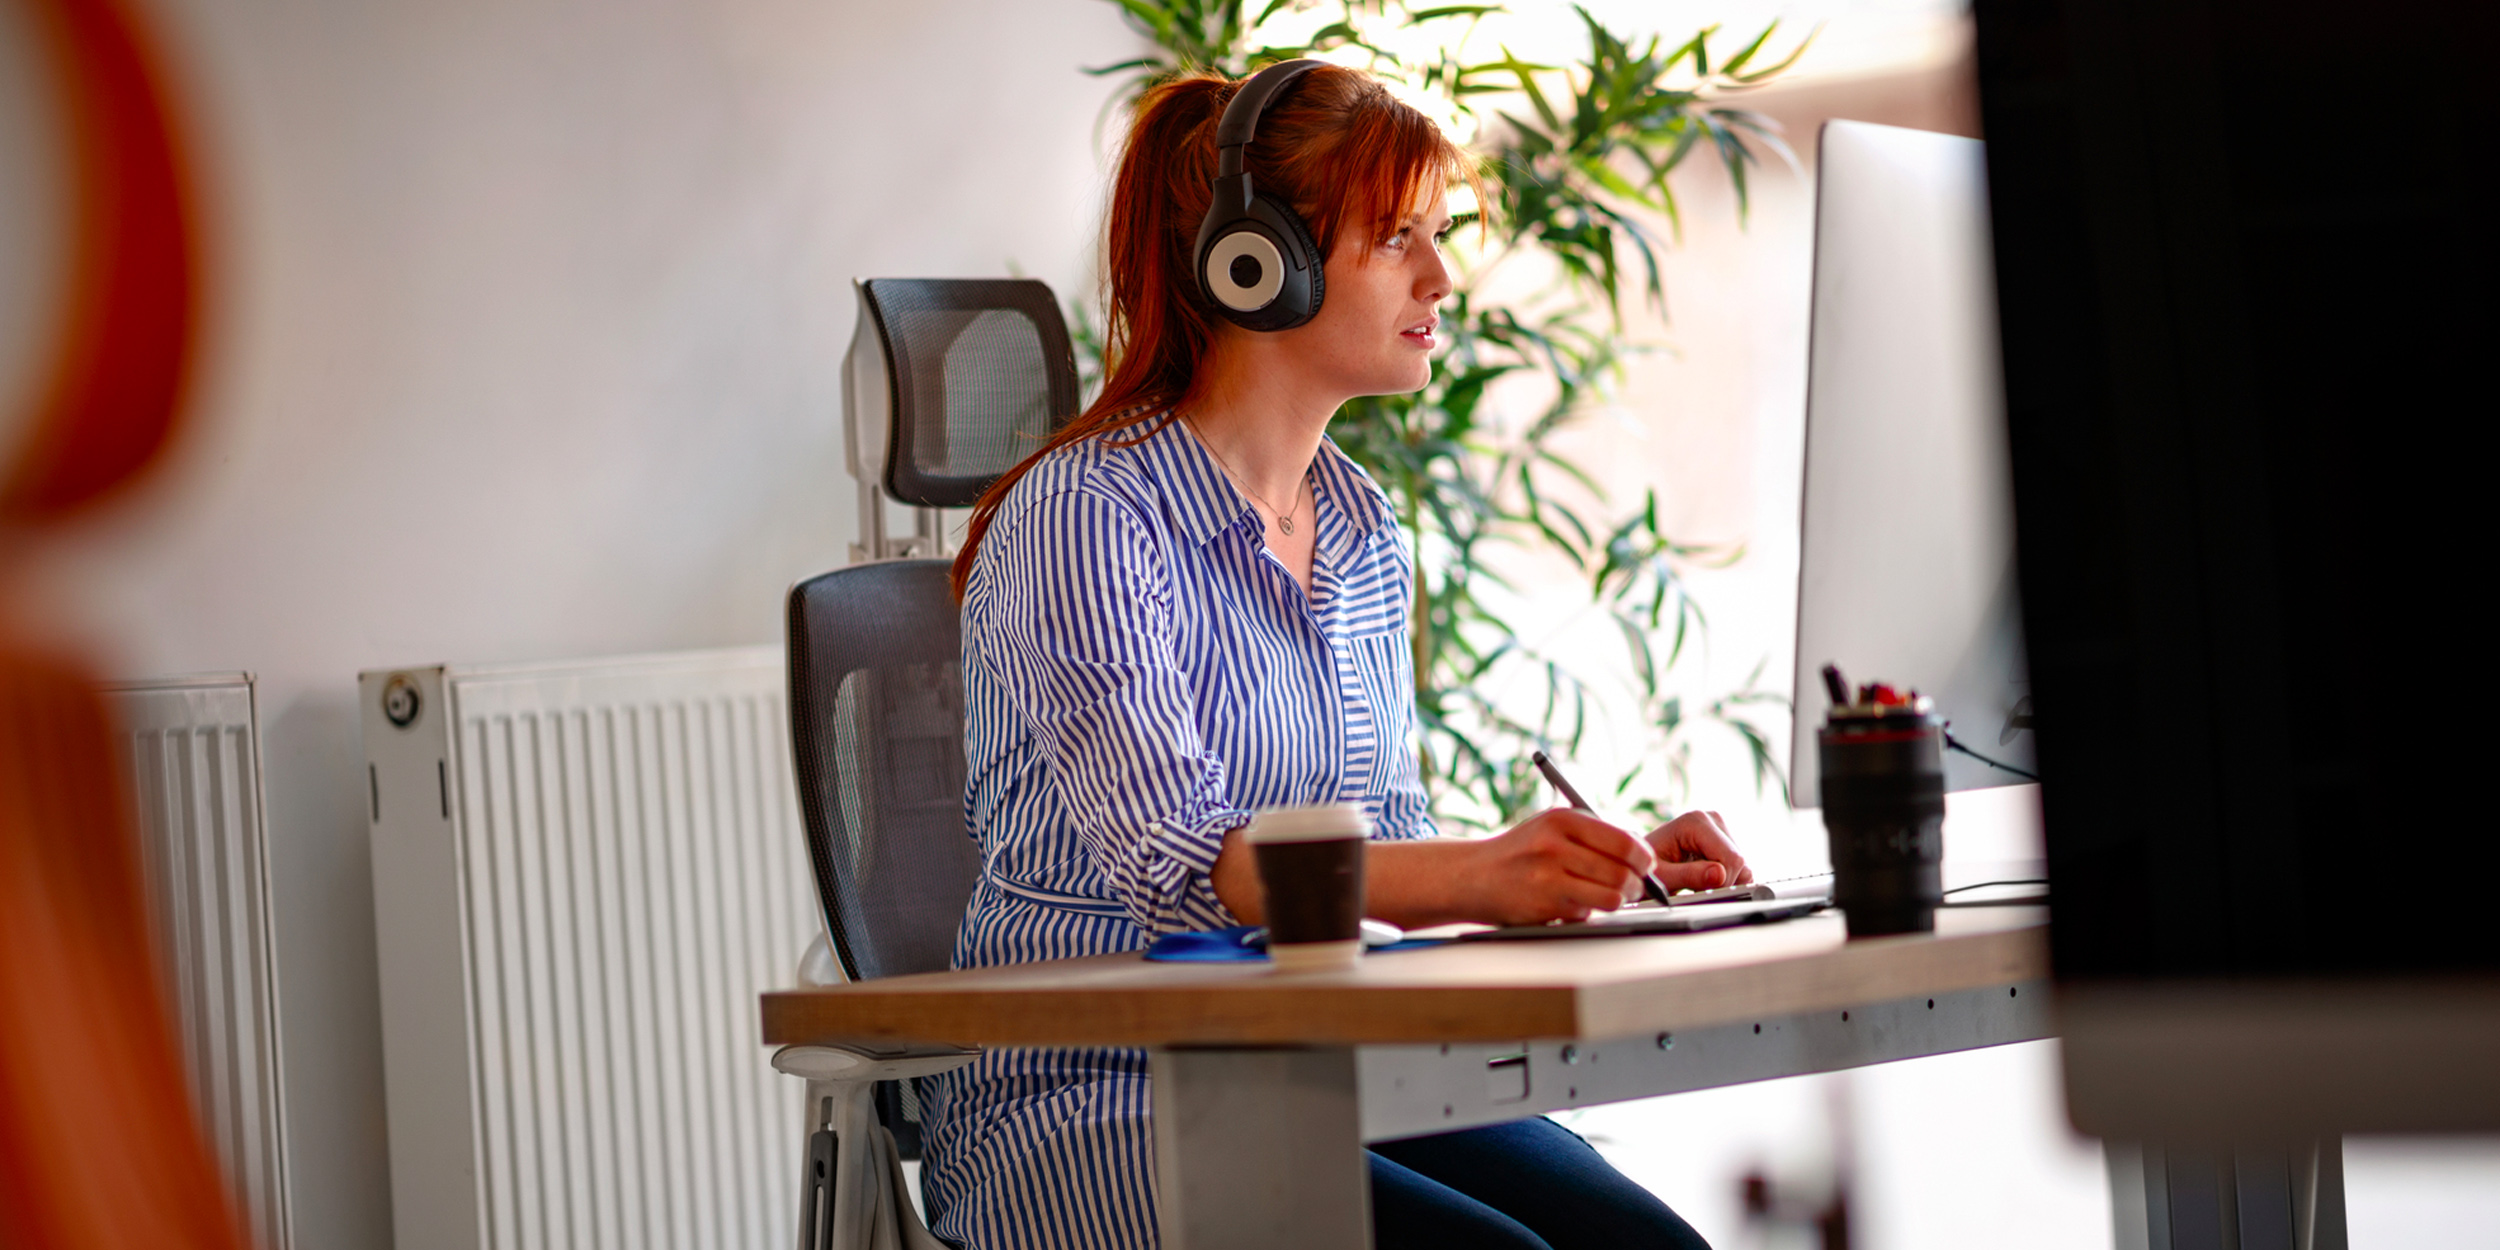 Музыка для работы в офисе без слов слушать онлайн тестовая игра бирже